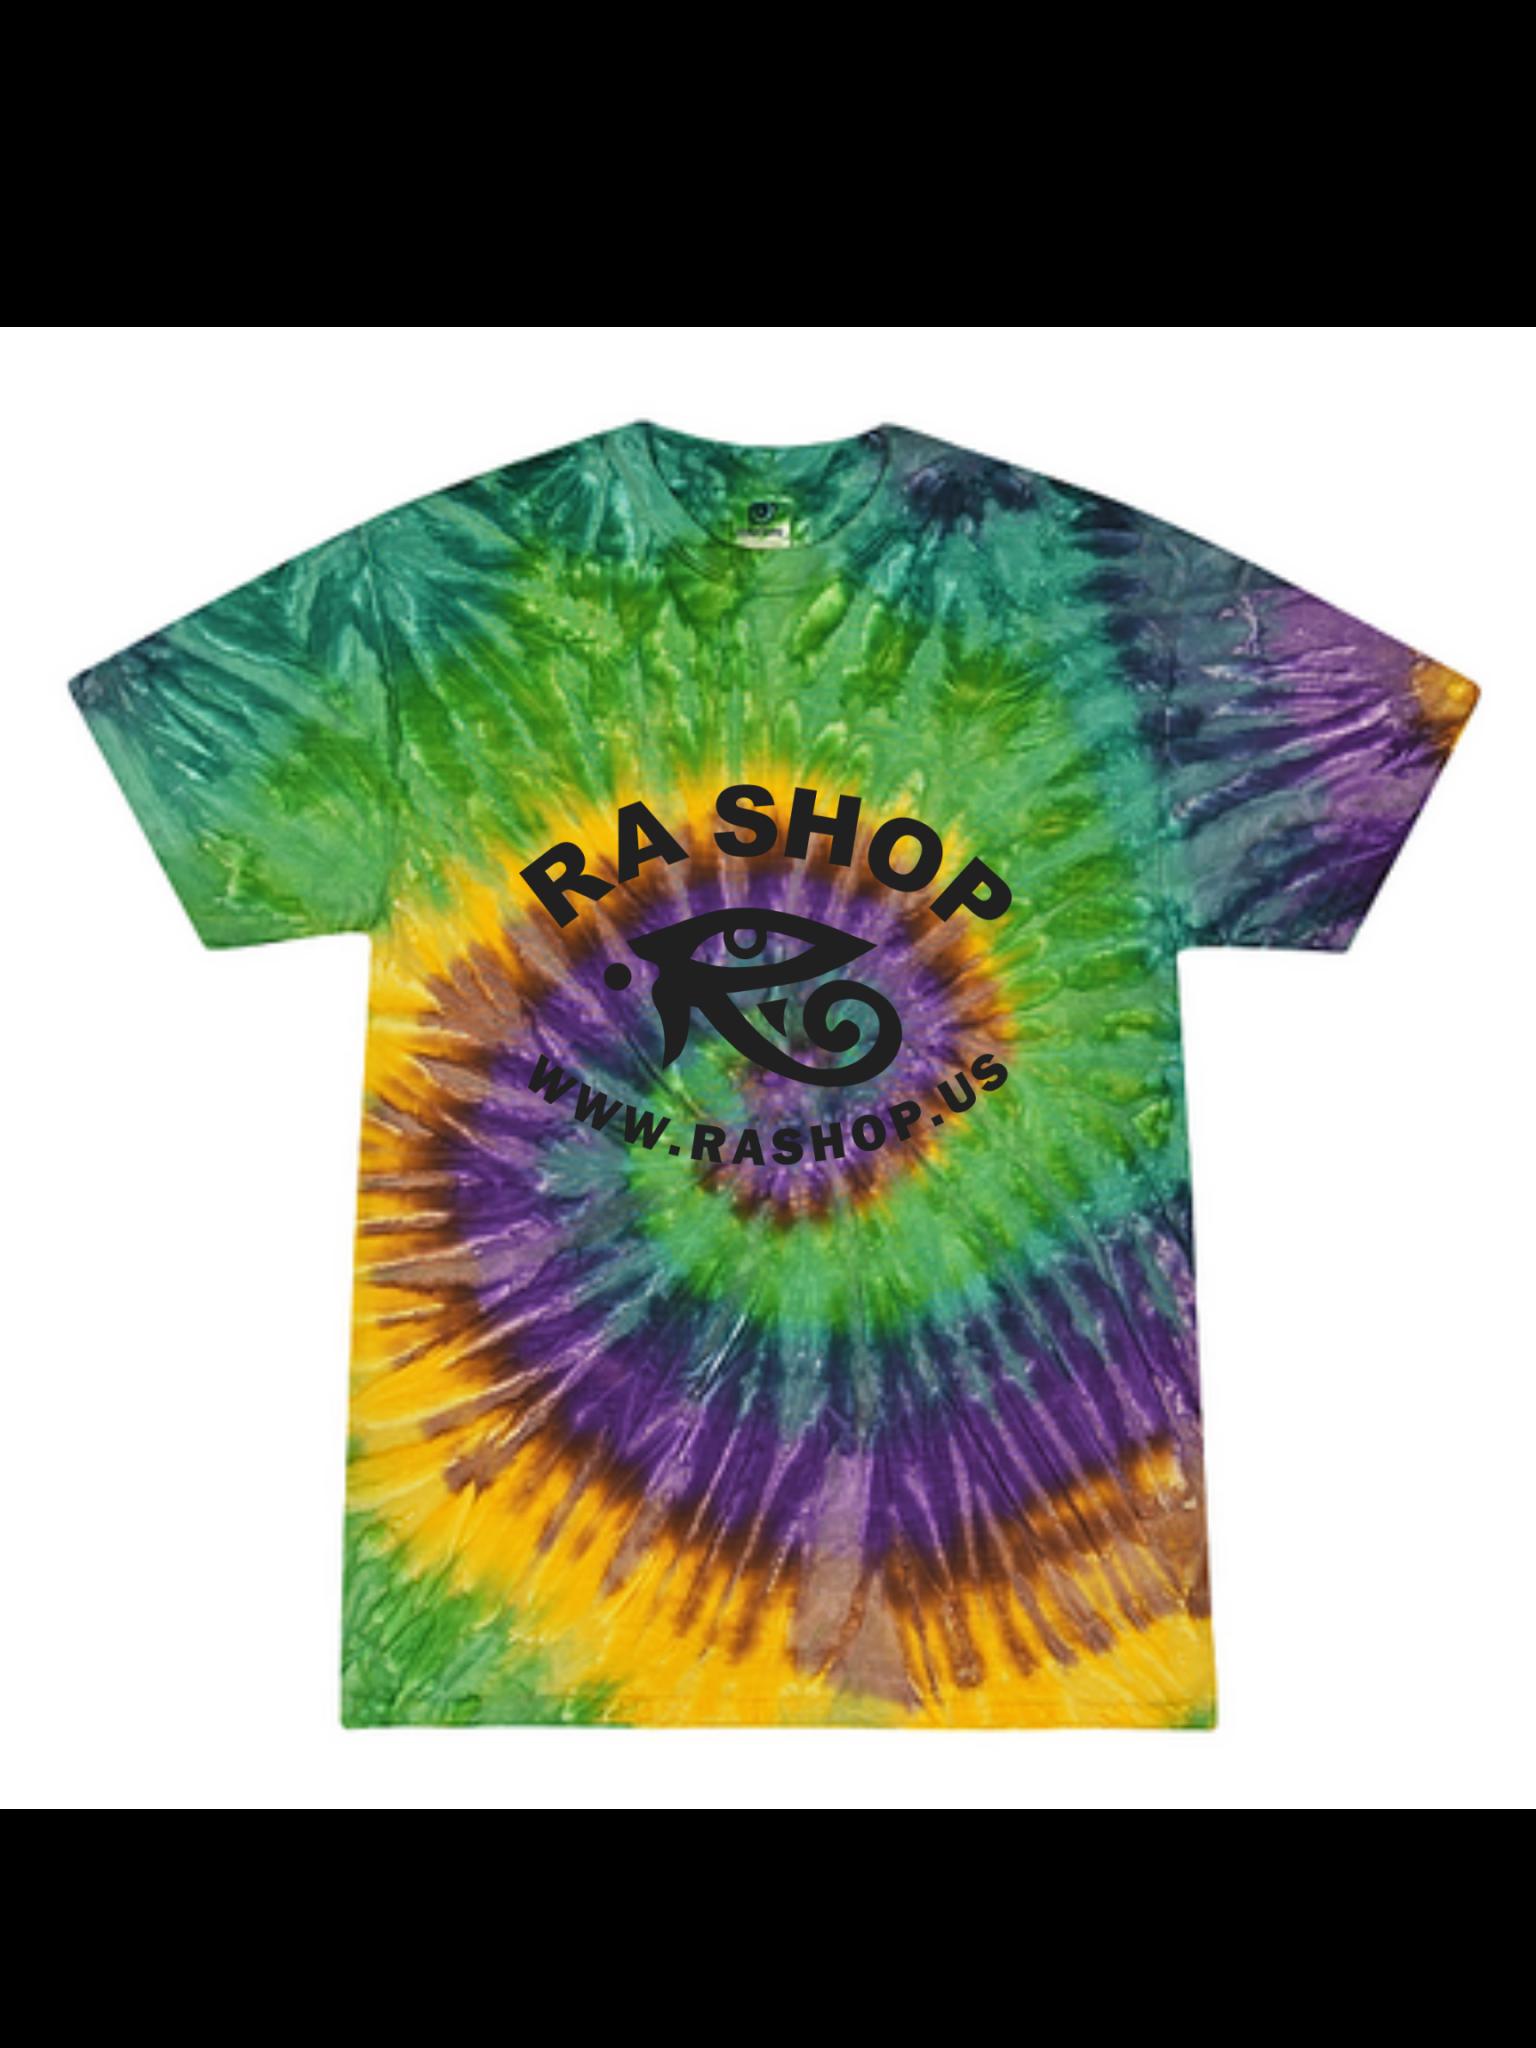 Ra Shop Tie Dye T-Shirt Mardi Gras XL